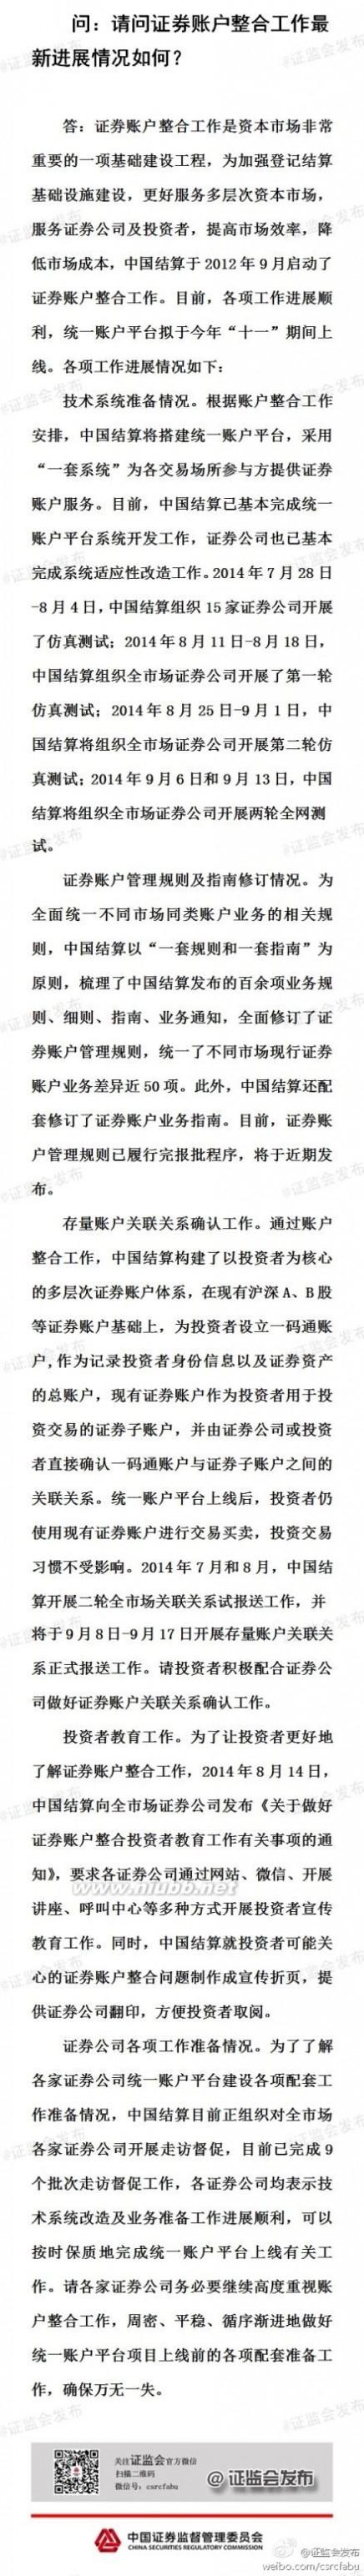 中国结算 证监会:中国结算构建多层次证券账户体系